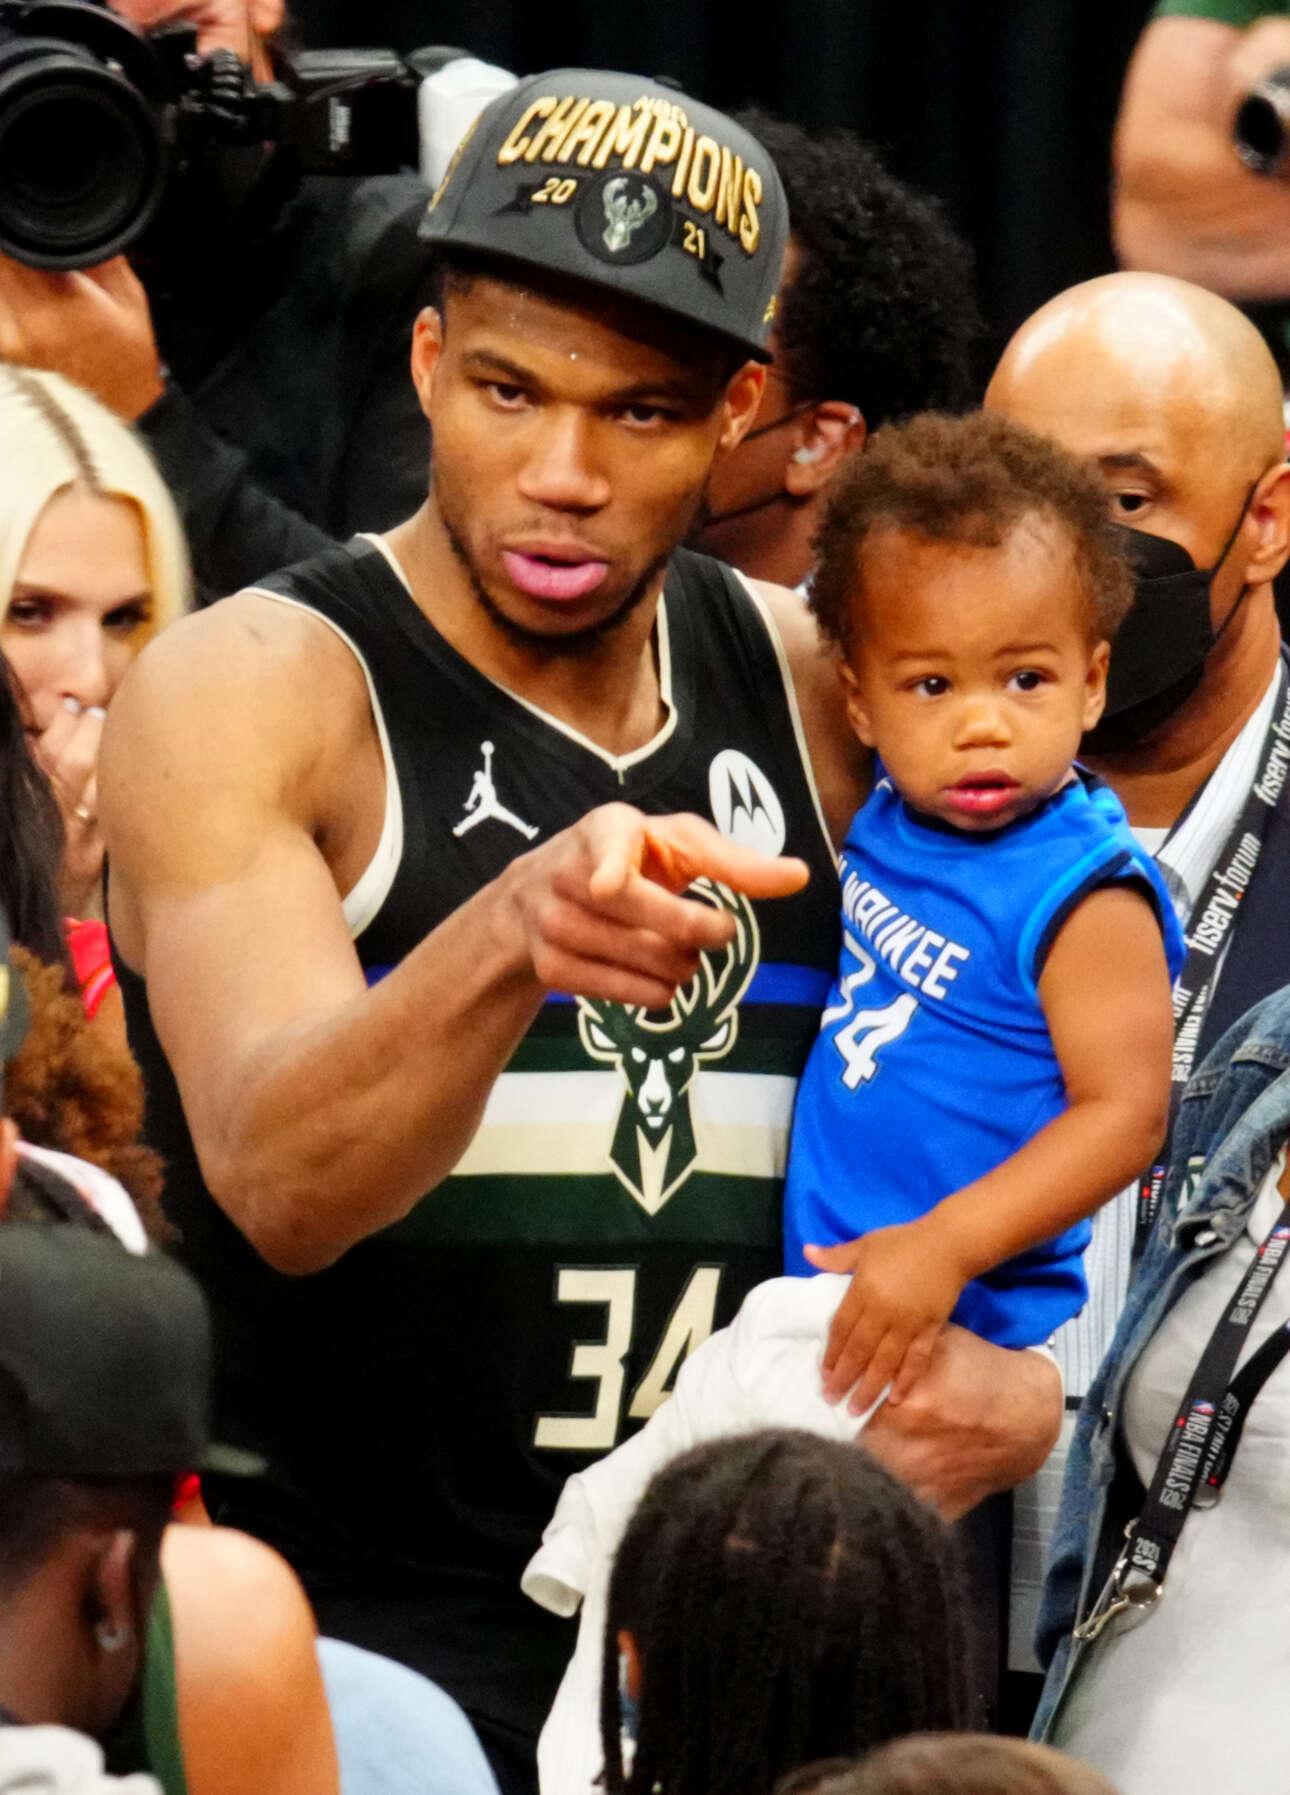 Αγκαλιά με τον γιο του σε ένα χαρακτηριστικό στιγμιότυπο μετά το ματς